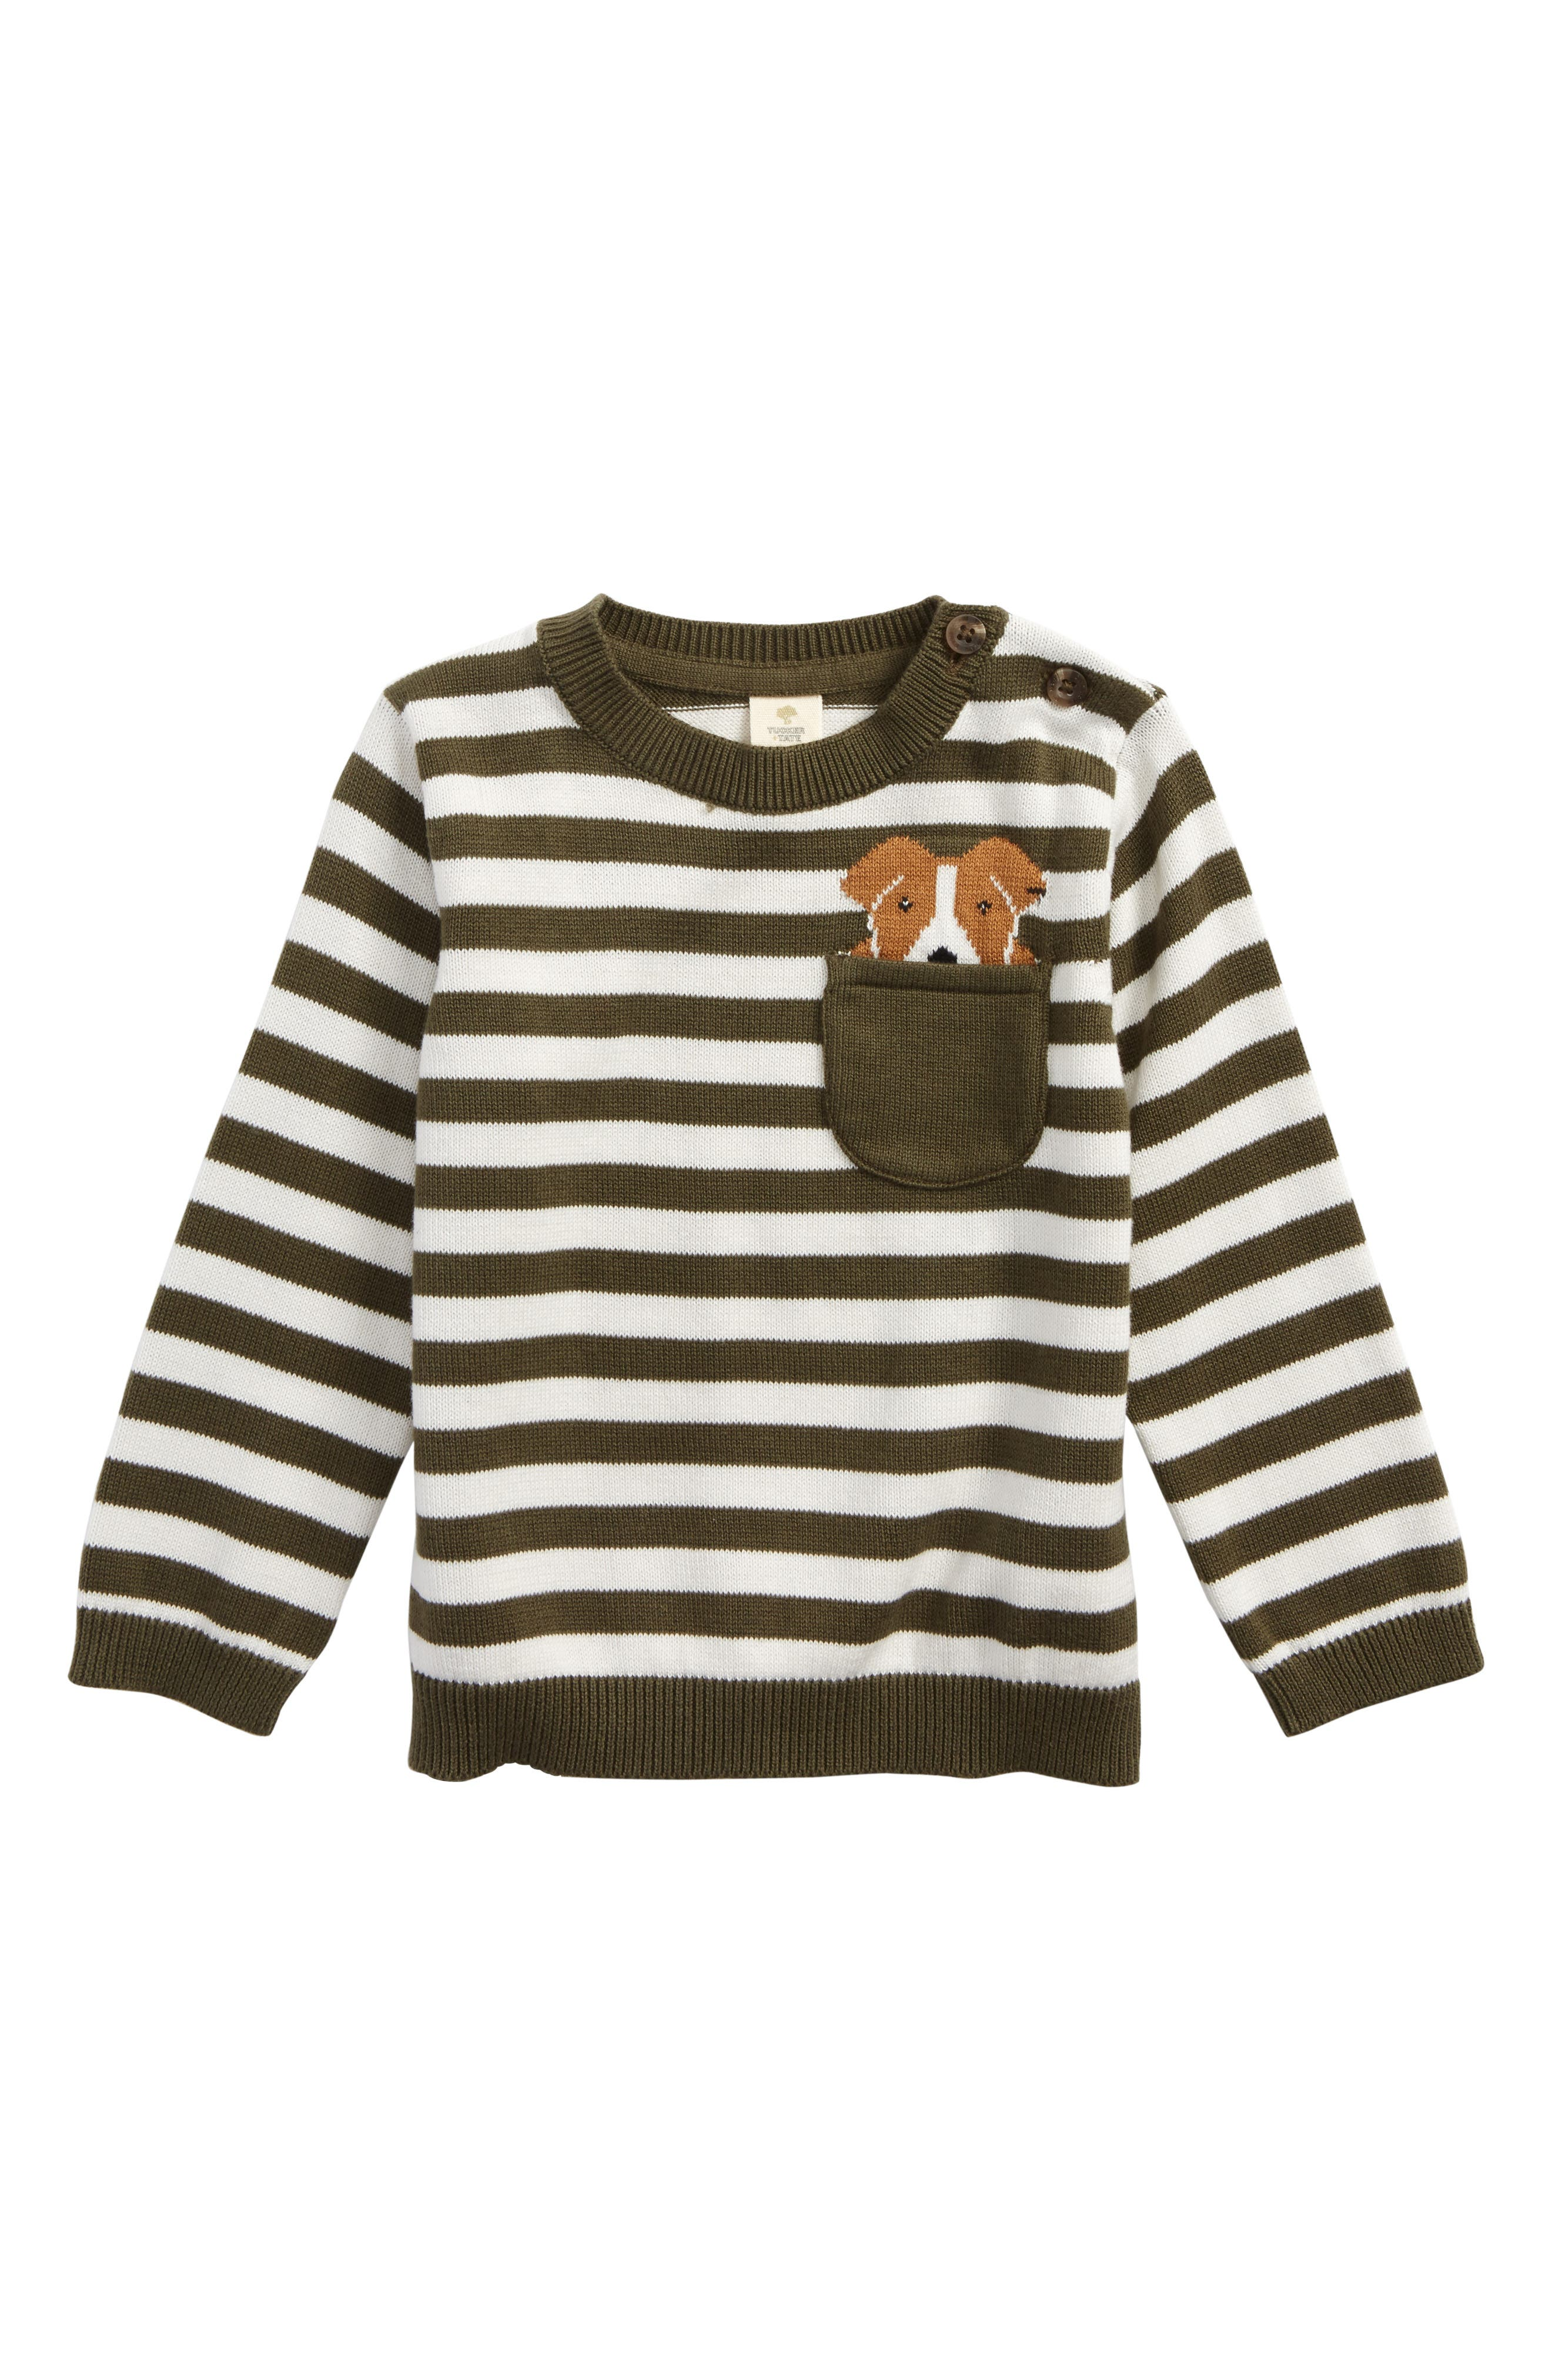 Pocket Dog Sweater,                         Main,                         color, Olive Sarma- Ivory Pocket Dog